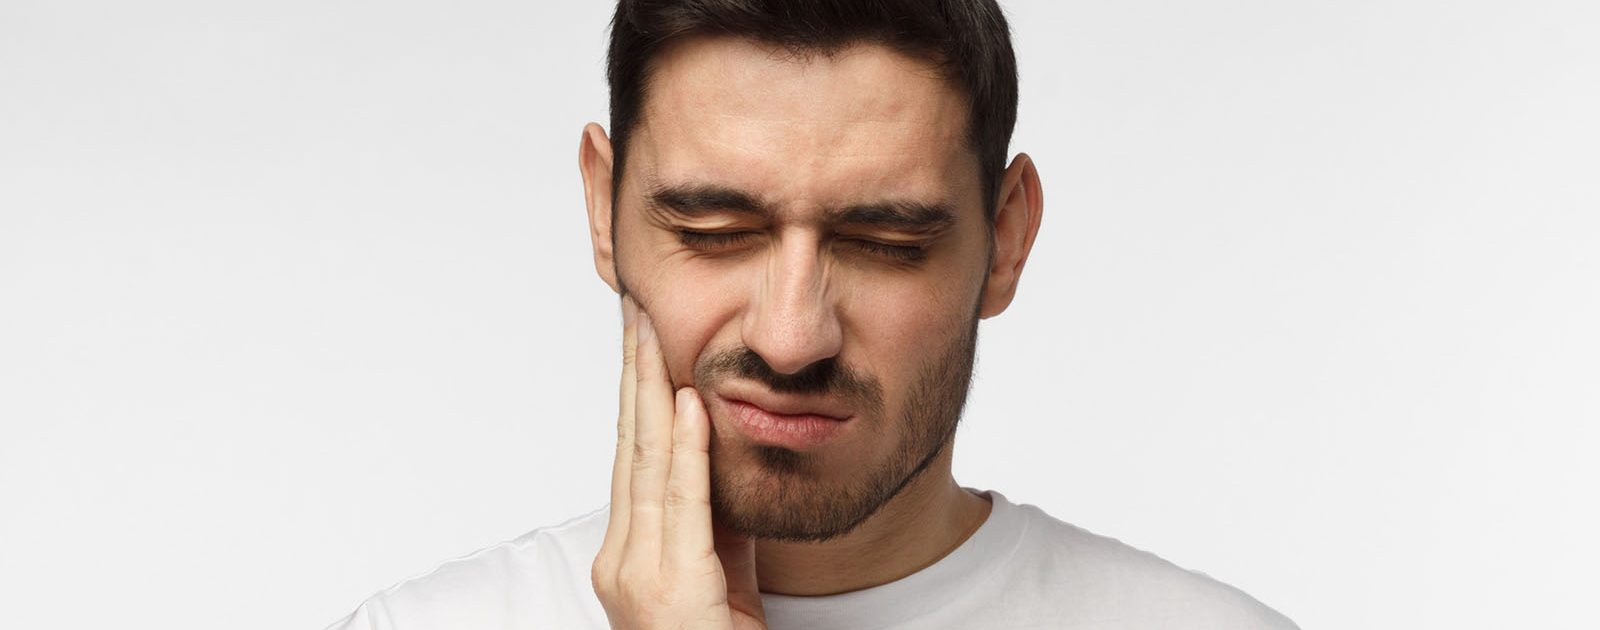 Ein hat Kiefergelenkschmerzen und fasst sich an die Wange